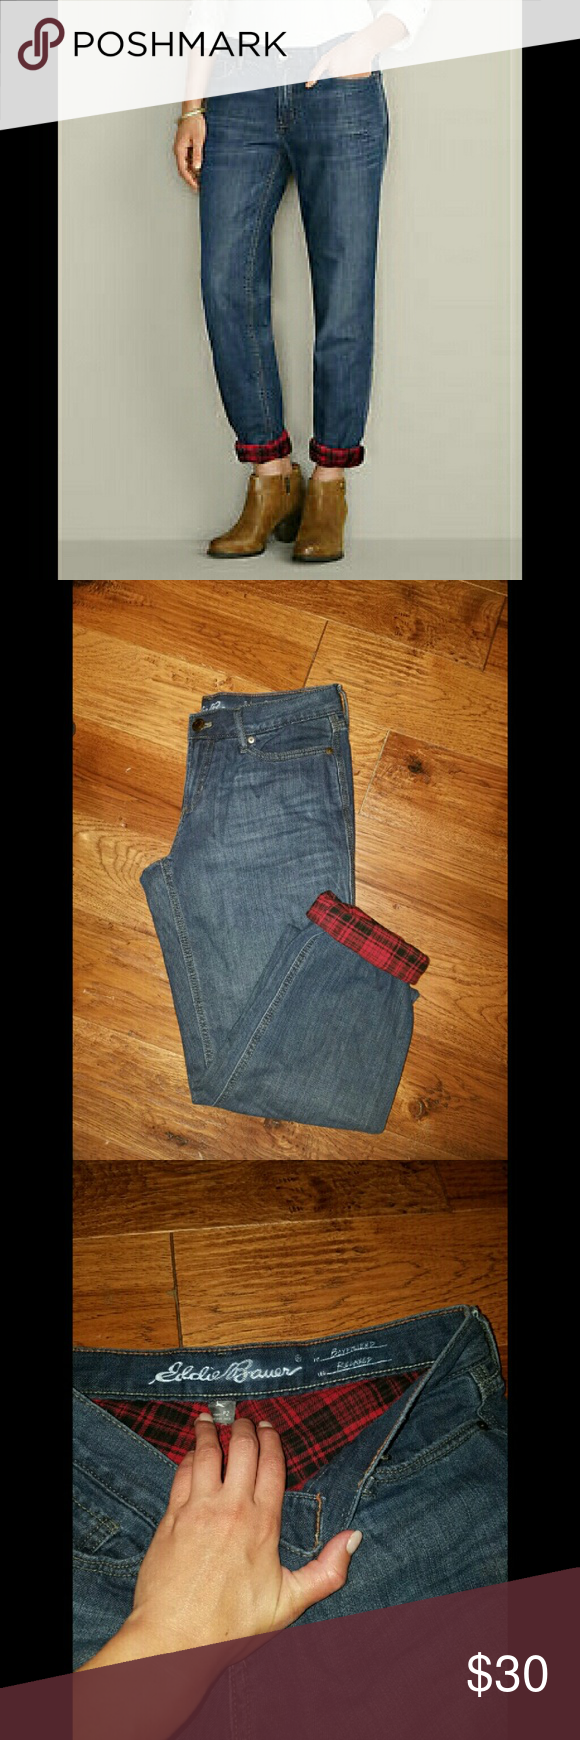 Flannel lined boyfriend fit jeans Worn once & SUPER comfy + warm Eddie Bauer Jeans Boyfriend